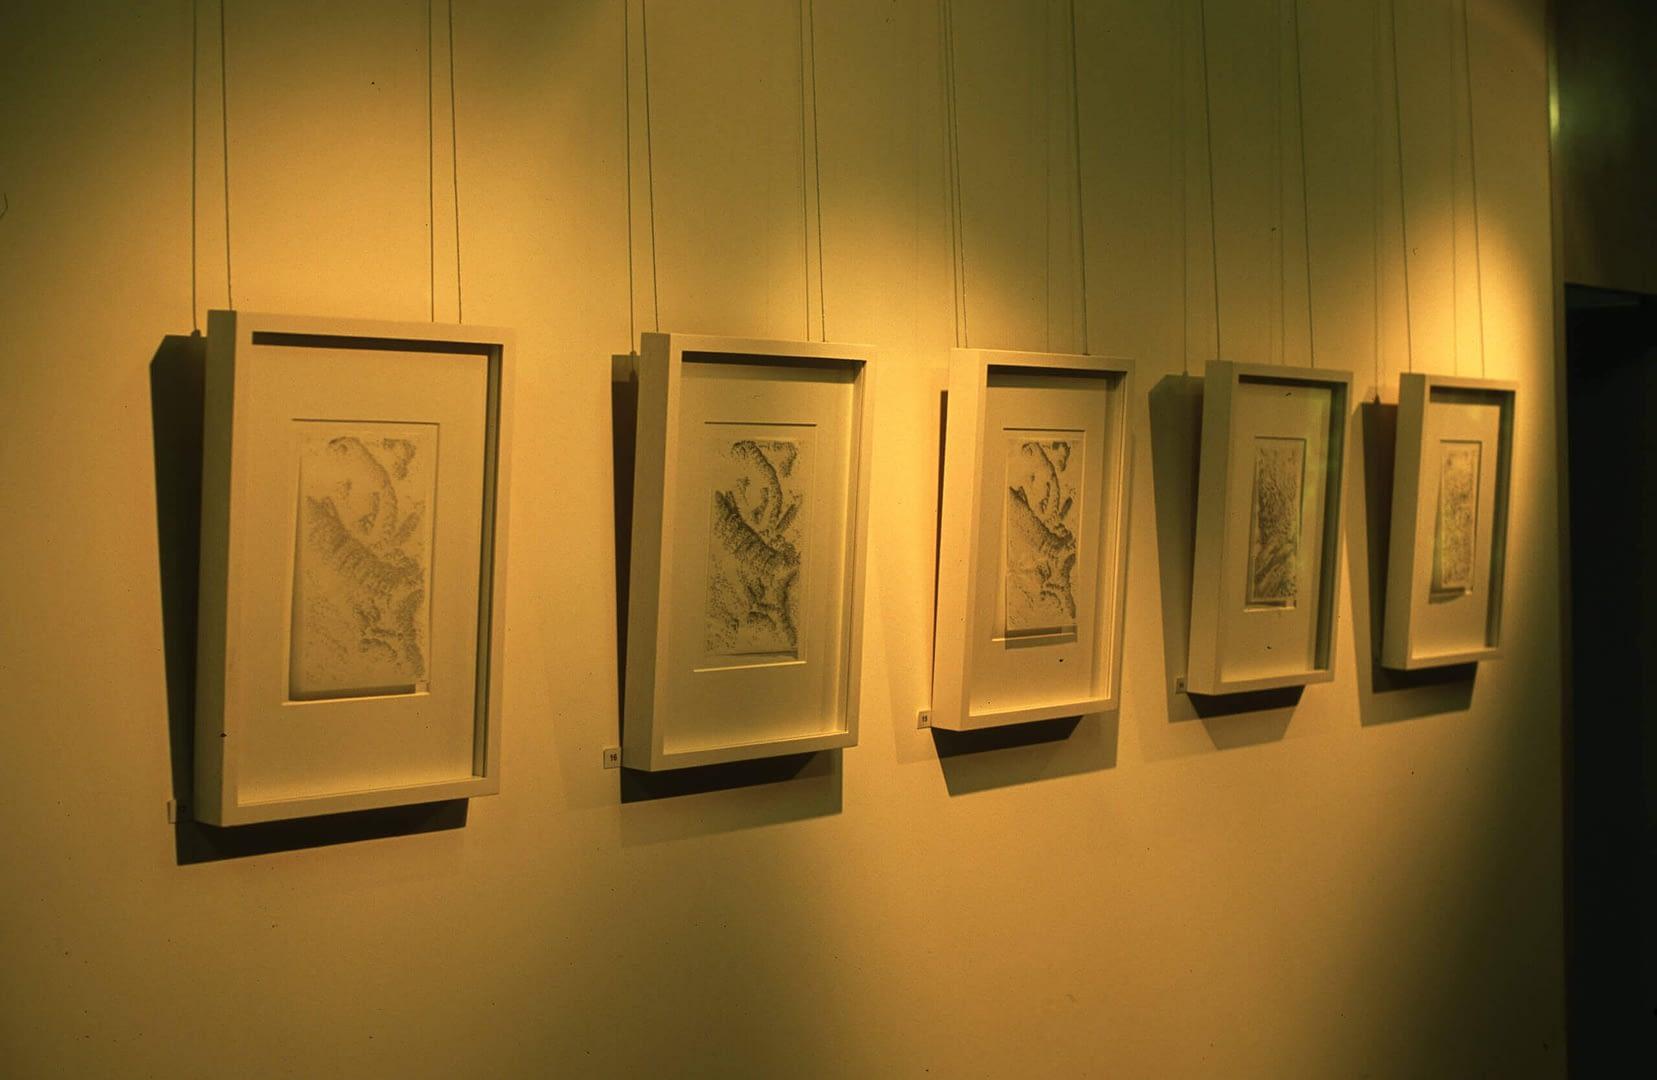 Ausstellung Basler & Hofmann Galerie Rehalp, Zürich 2007